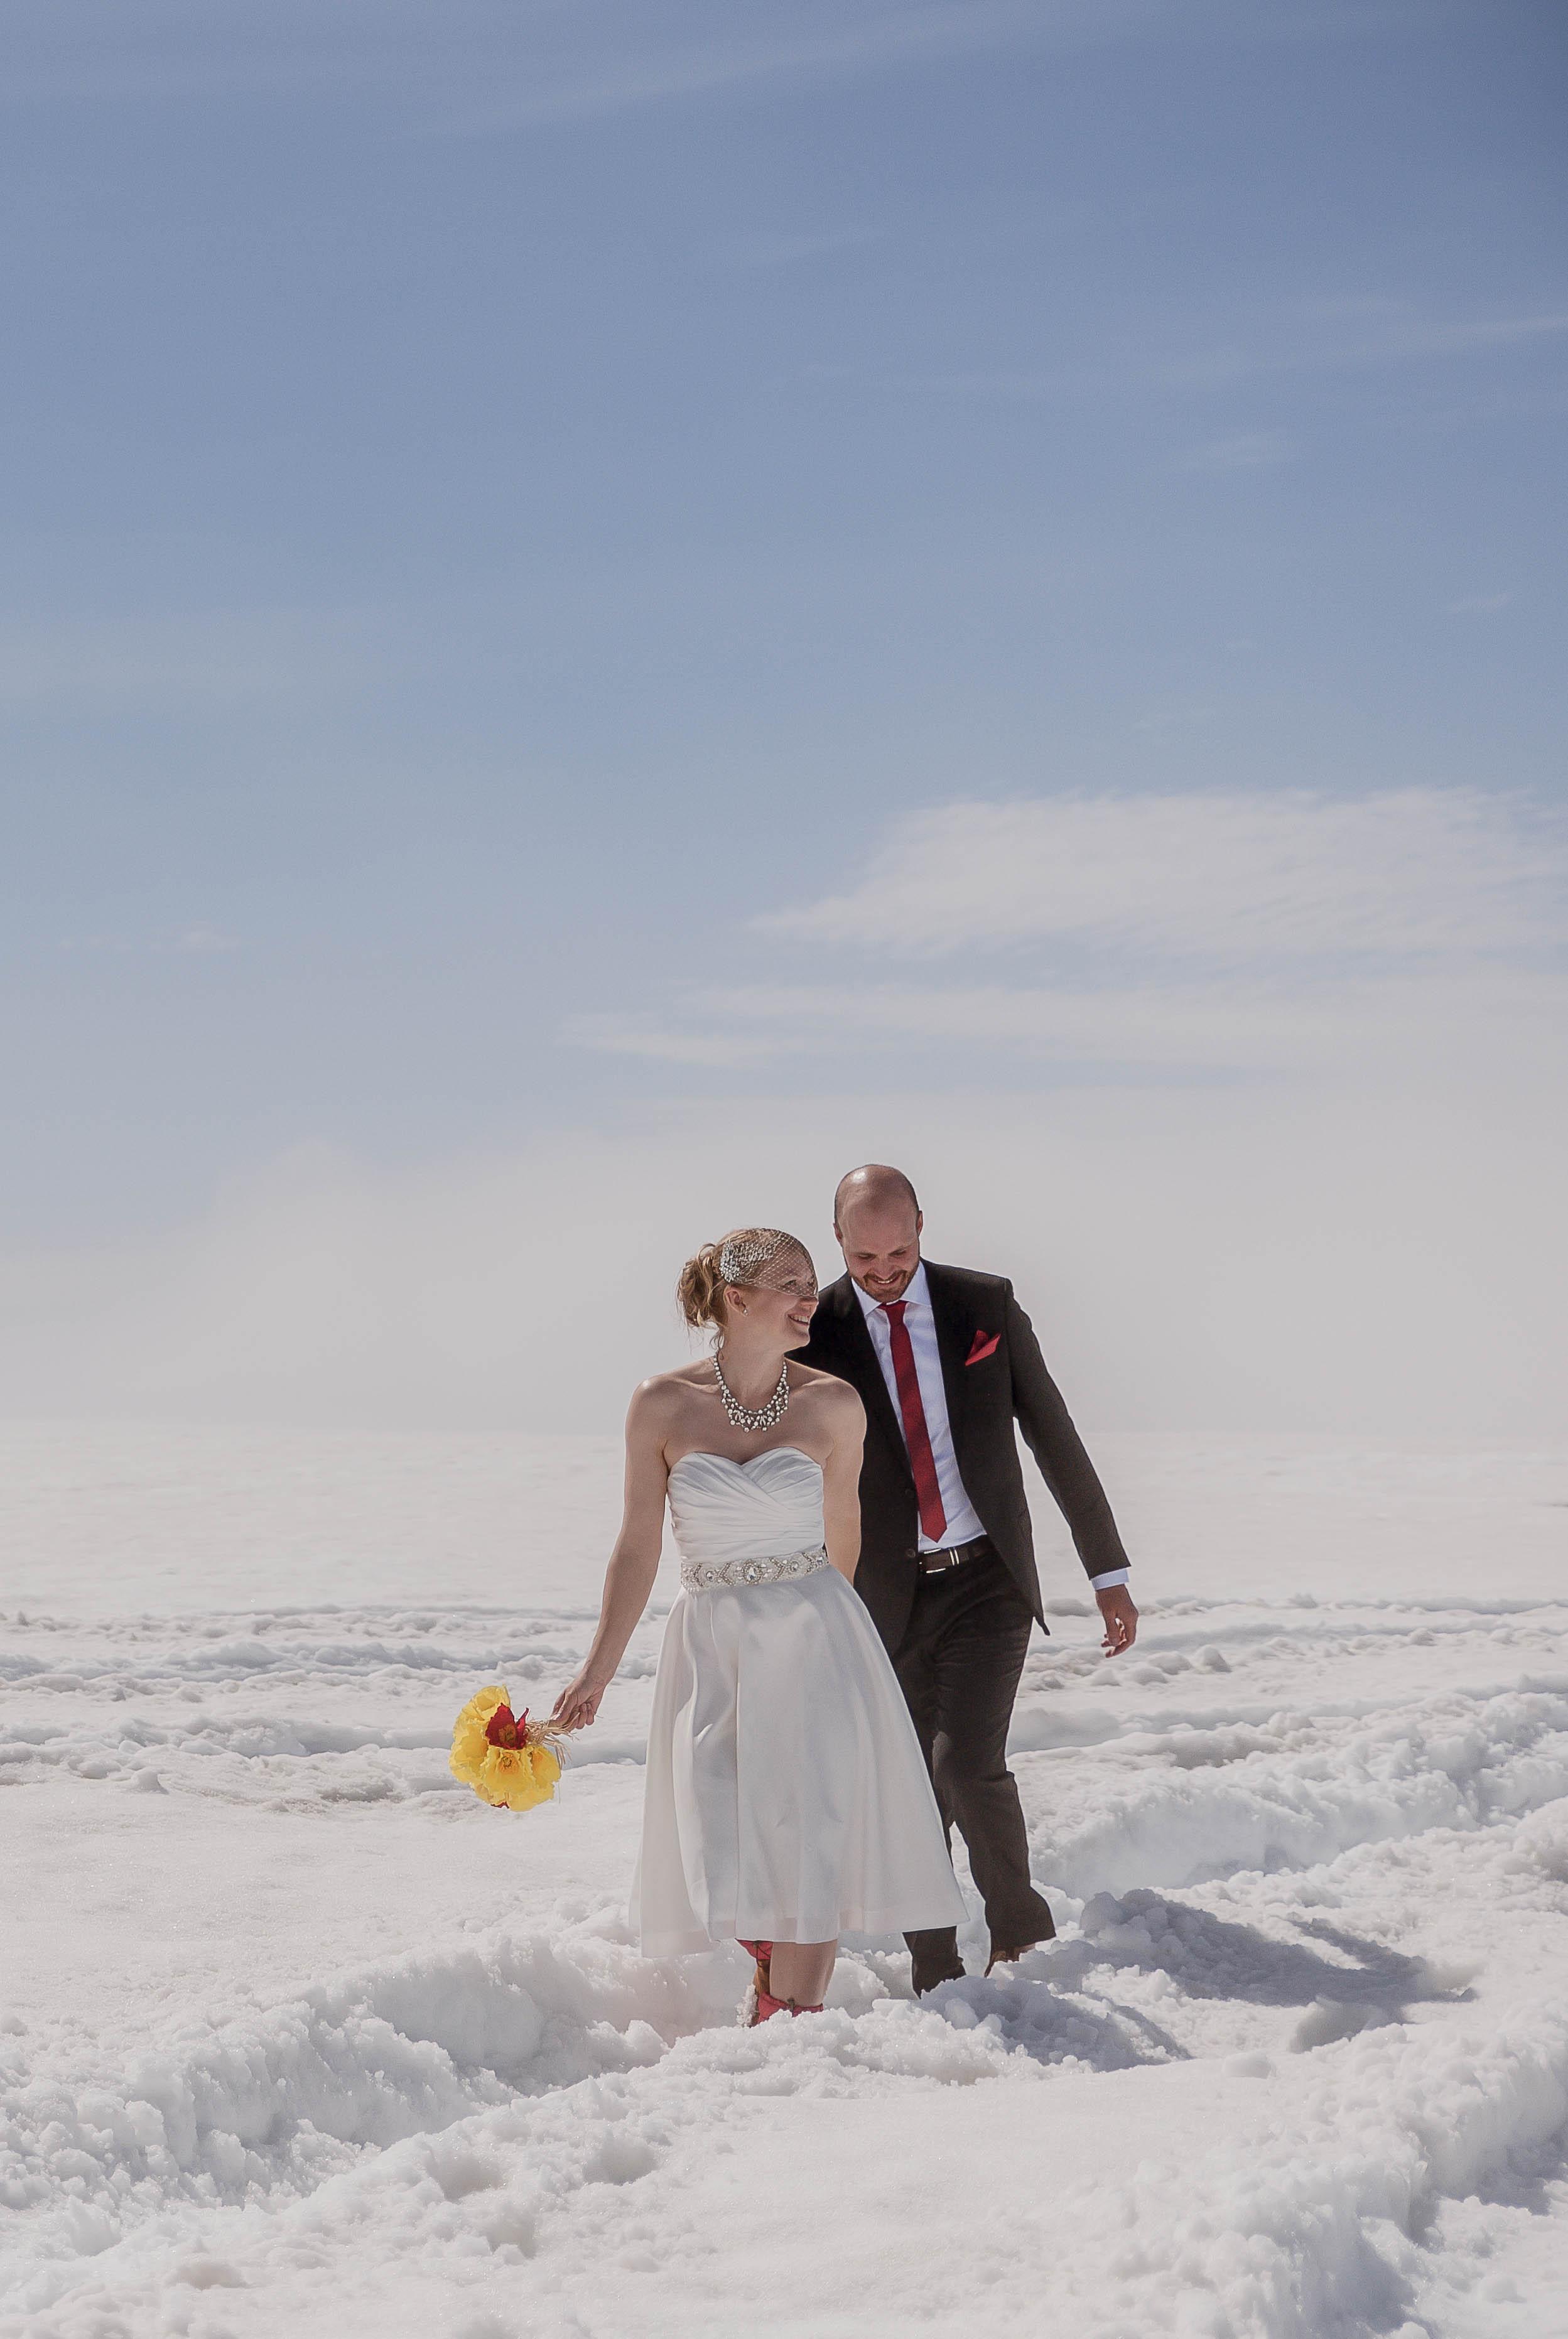 Iceland Glacier Wedding Photos by Miss Ann-8.jpg